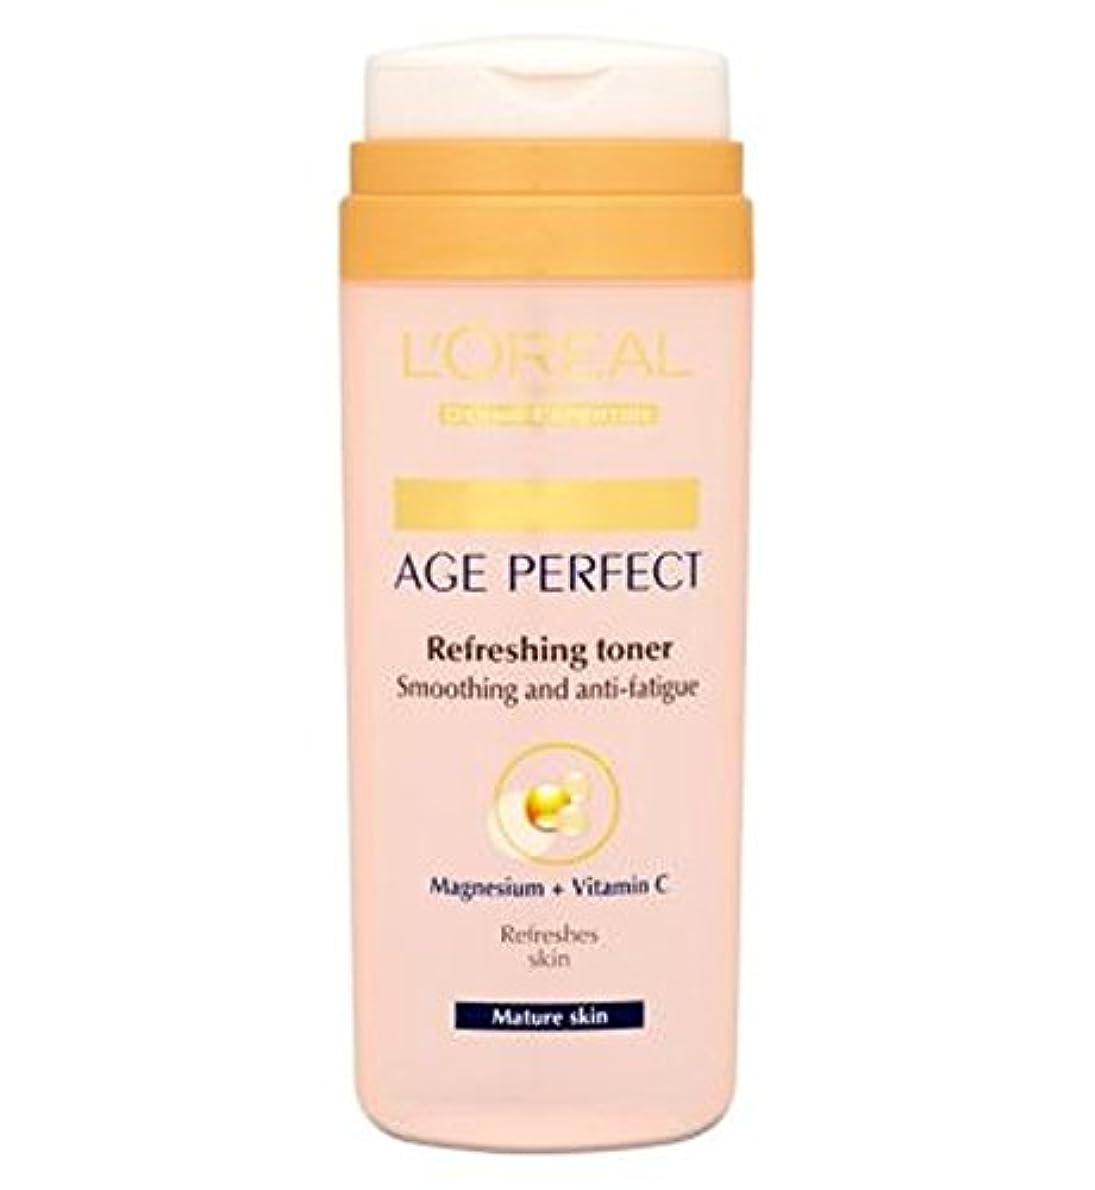 鎖近代化する愛情深いL'Oreallパリ真皮専門知識の年齢、完璧なさわやかなトナー成熟肌の200ミリリットル (L'Oreal) (x2) - L'Oreall Paris Dermo-Expertise Age Perfect Refreshing...